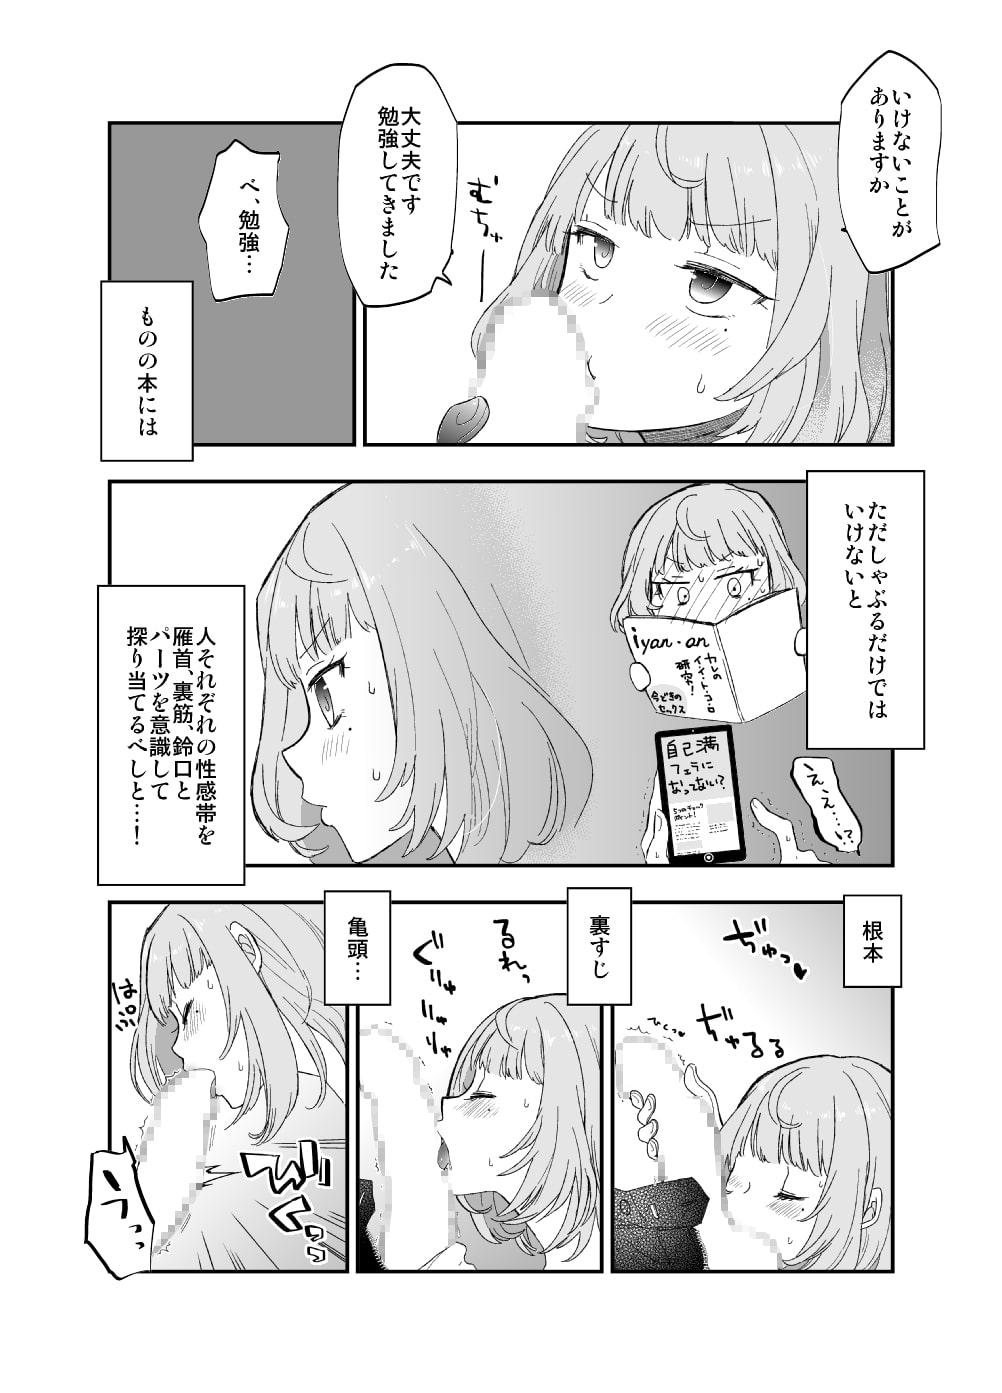 武○Pと○垣楓さんがいつもと少しだけ違うHに挑戦する本